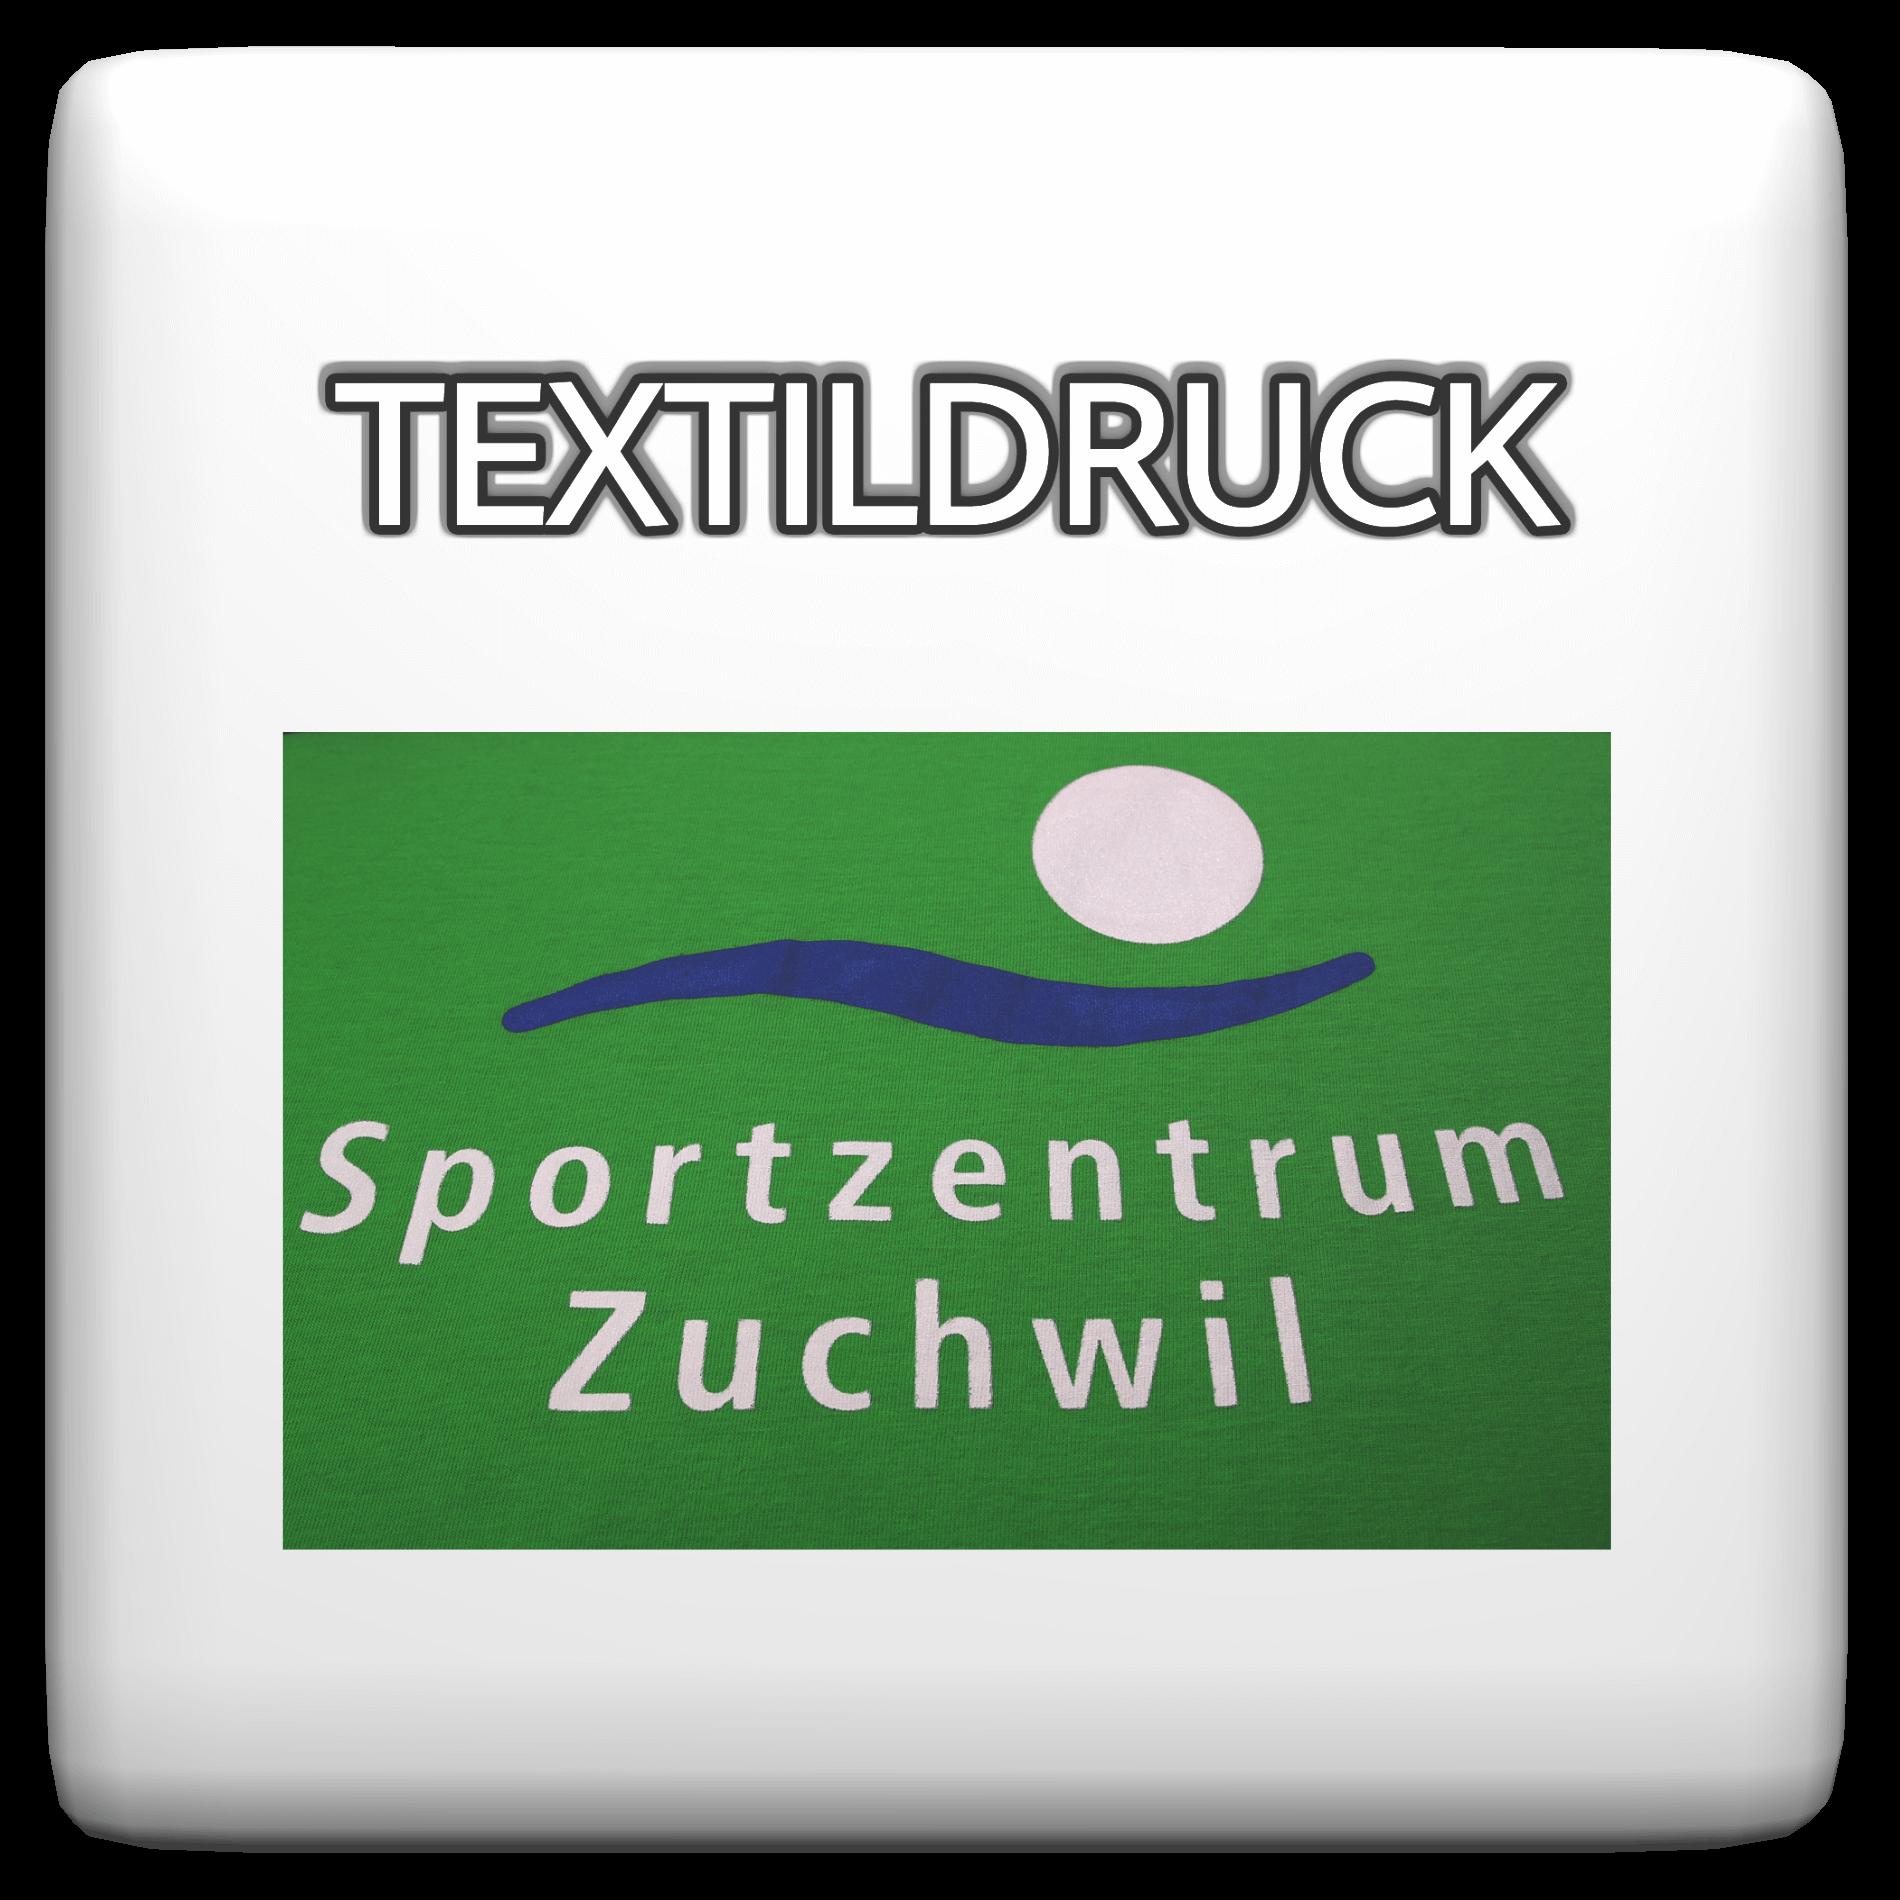 Wuerfel-Textildruck